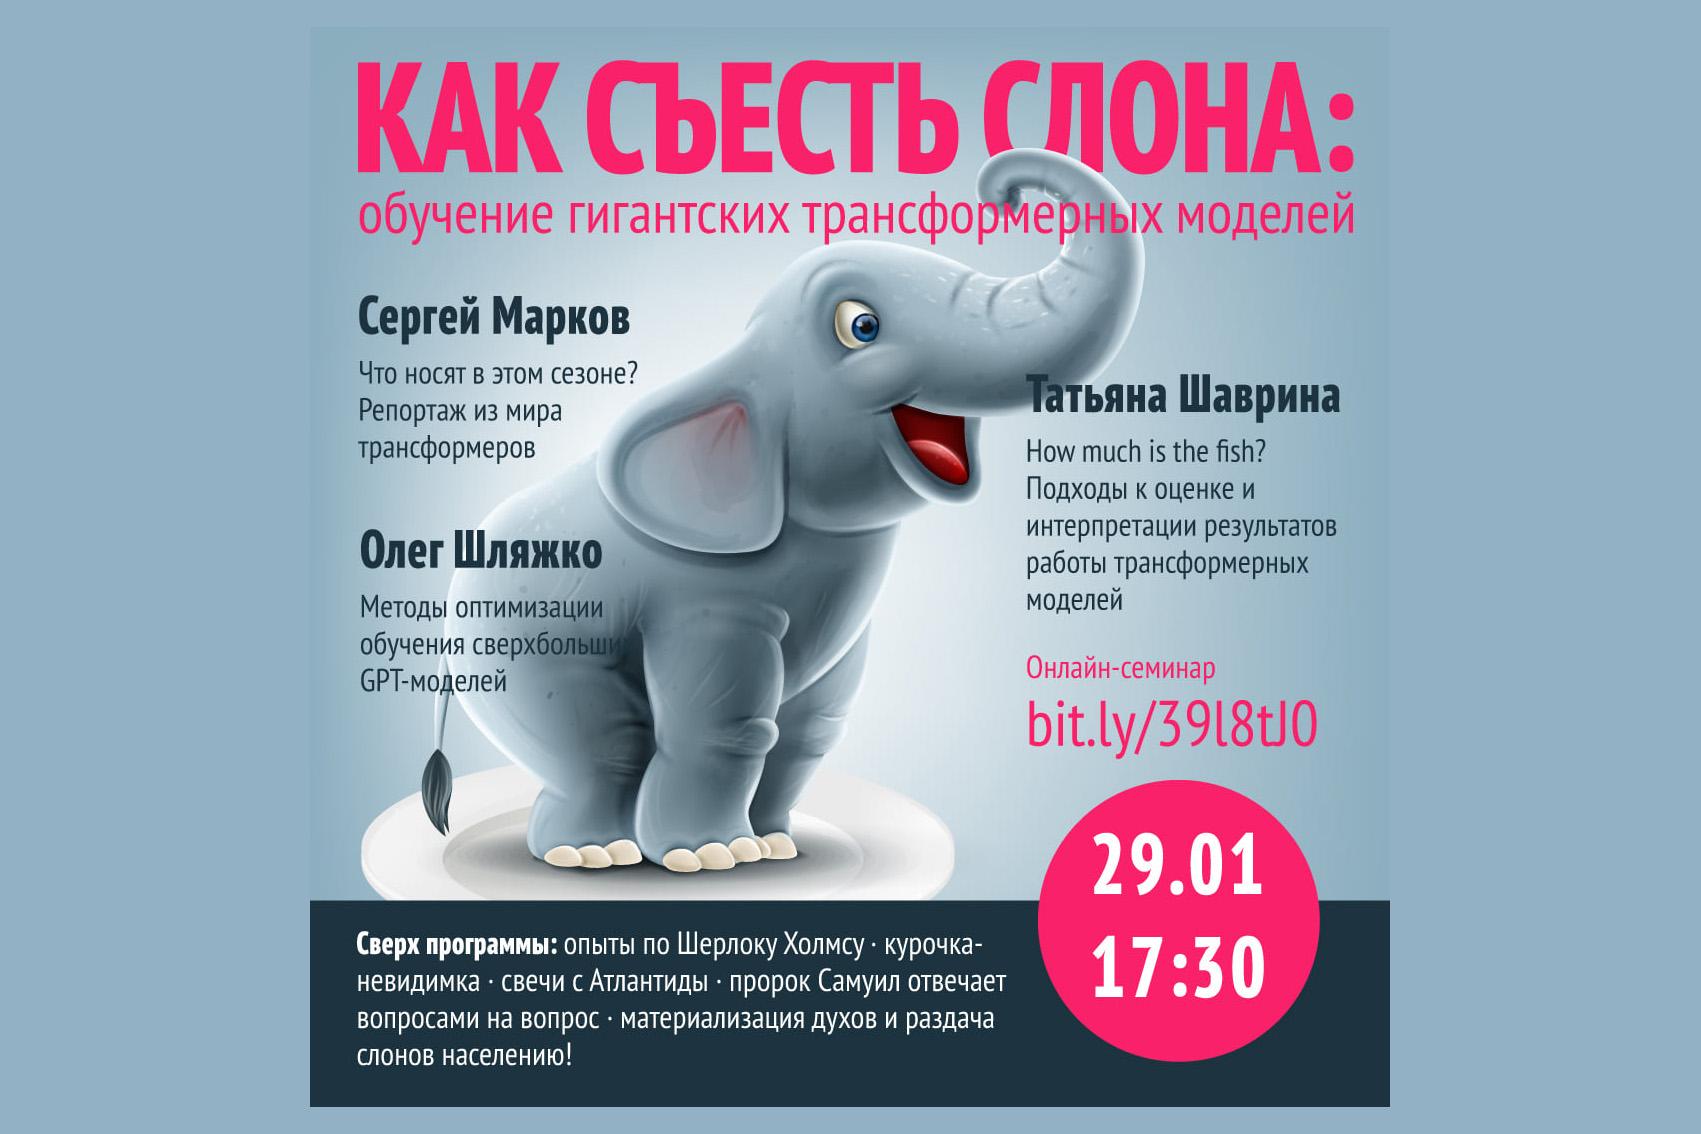 Онлайн-семинар.